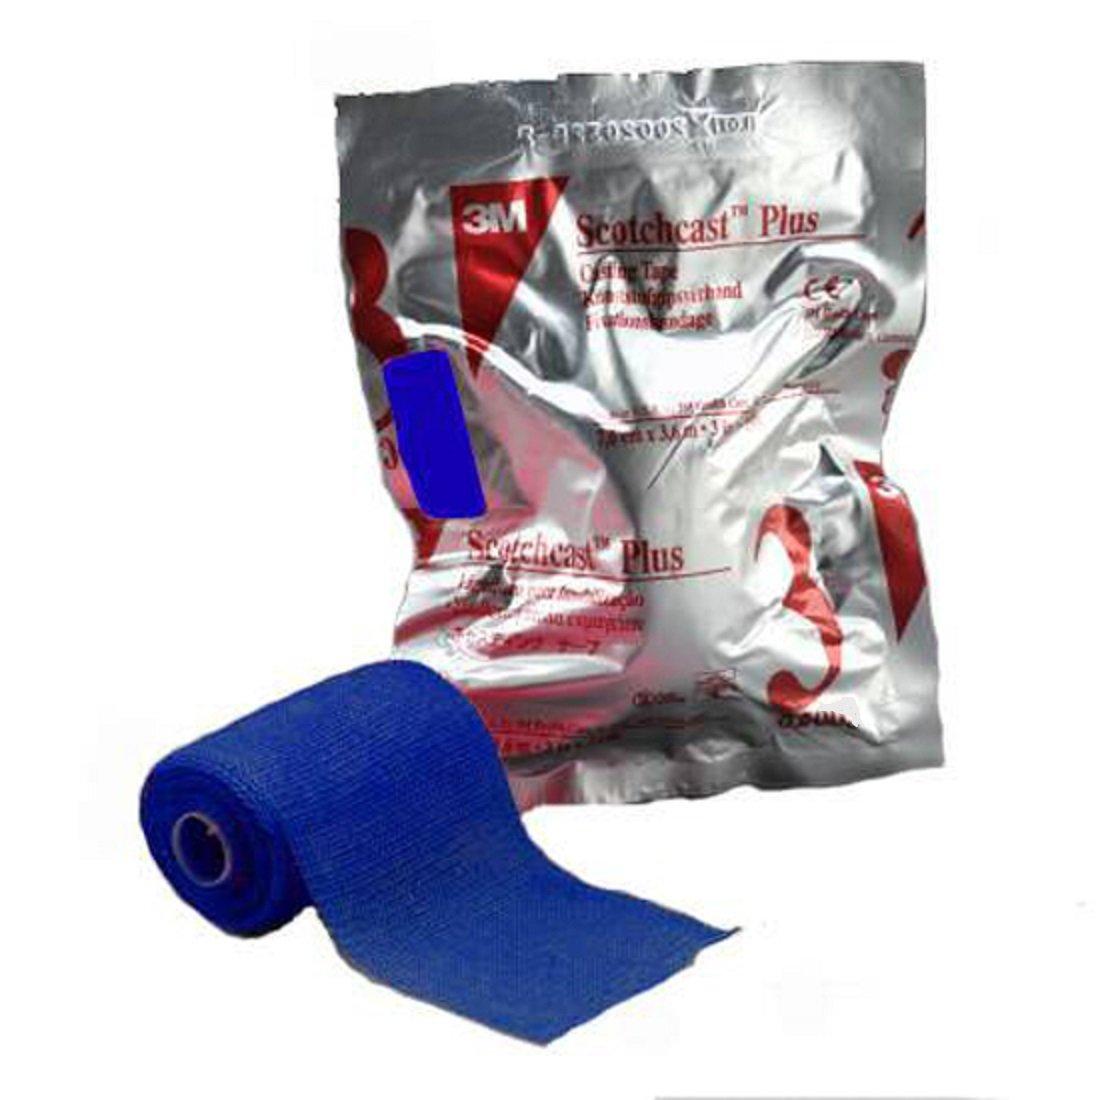 3M Scotchcast Plus Fiberglass Cast Tape 4 Inch X 12 Foot (BLUE) - 1/Roll